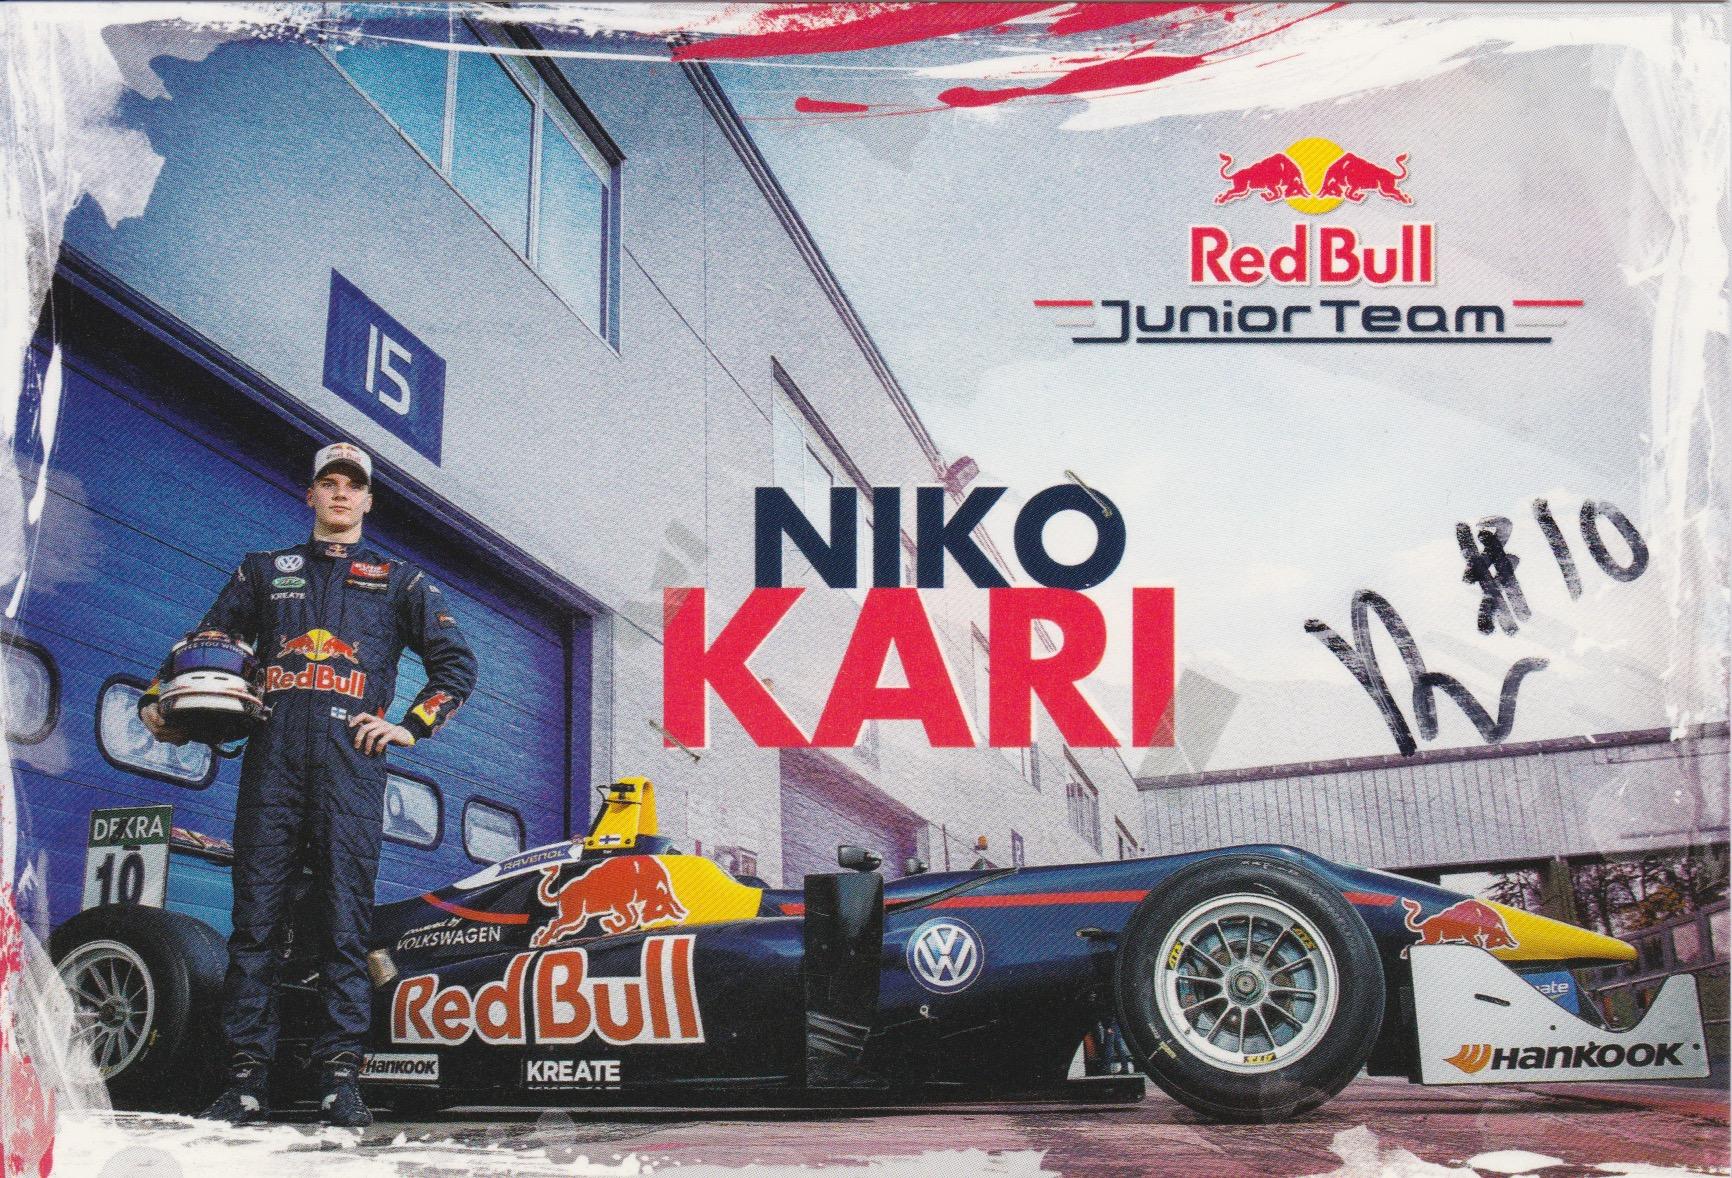 Niko Kari Red Bull Junior Team 2016